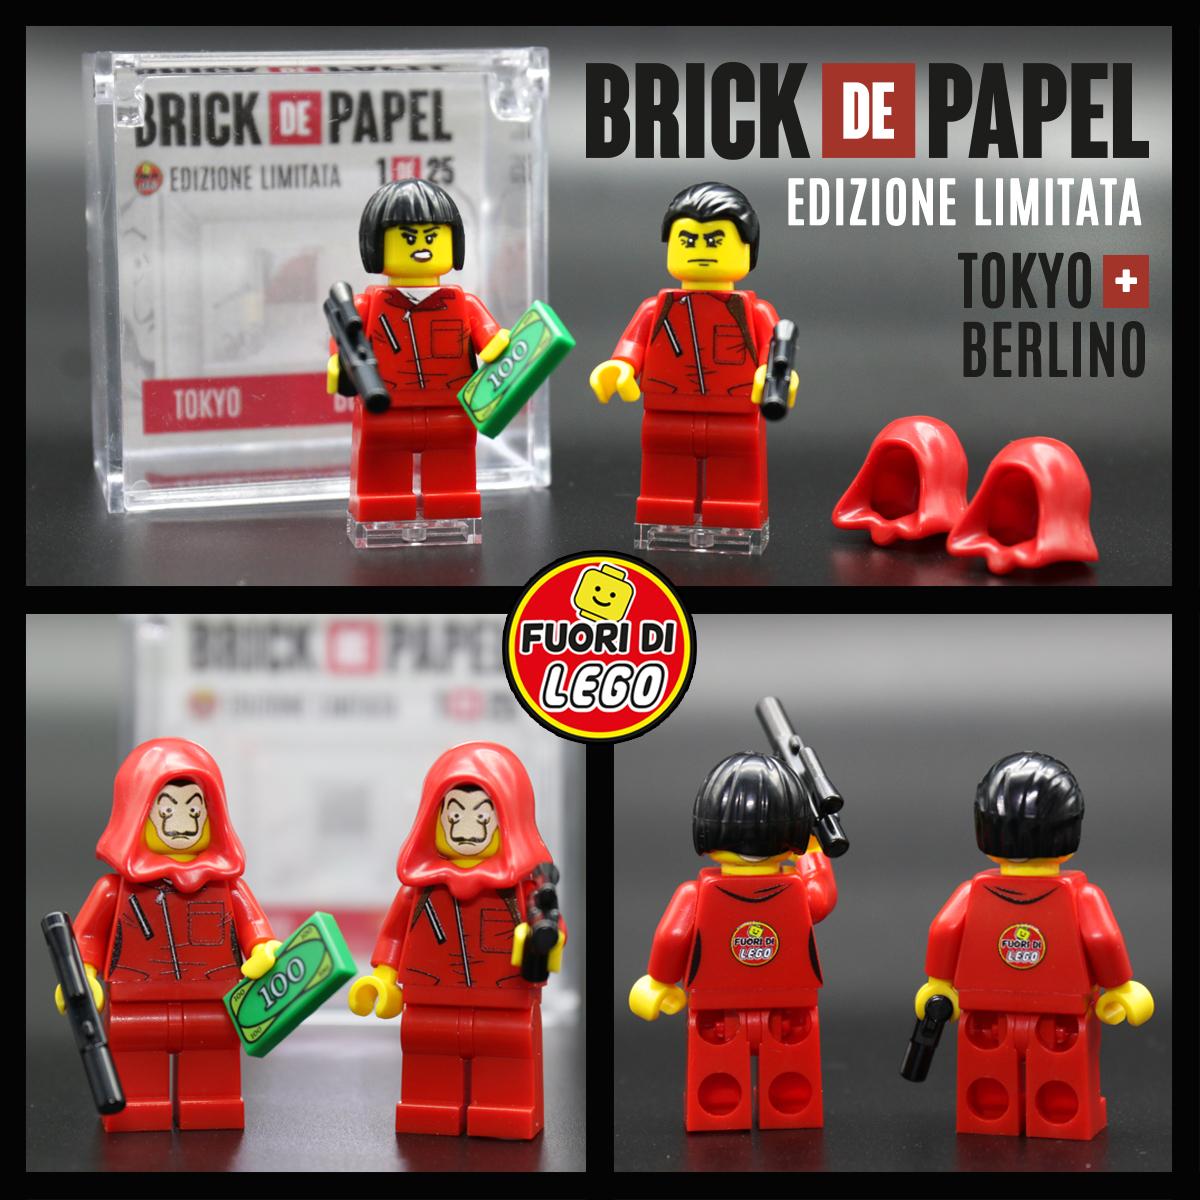 Tokyo e Berlino La Casa di Carta | Minifigure Lego | Fuori di Brick